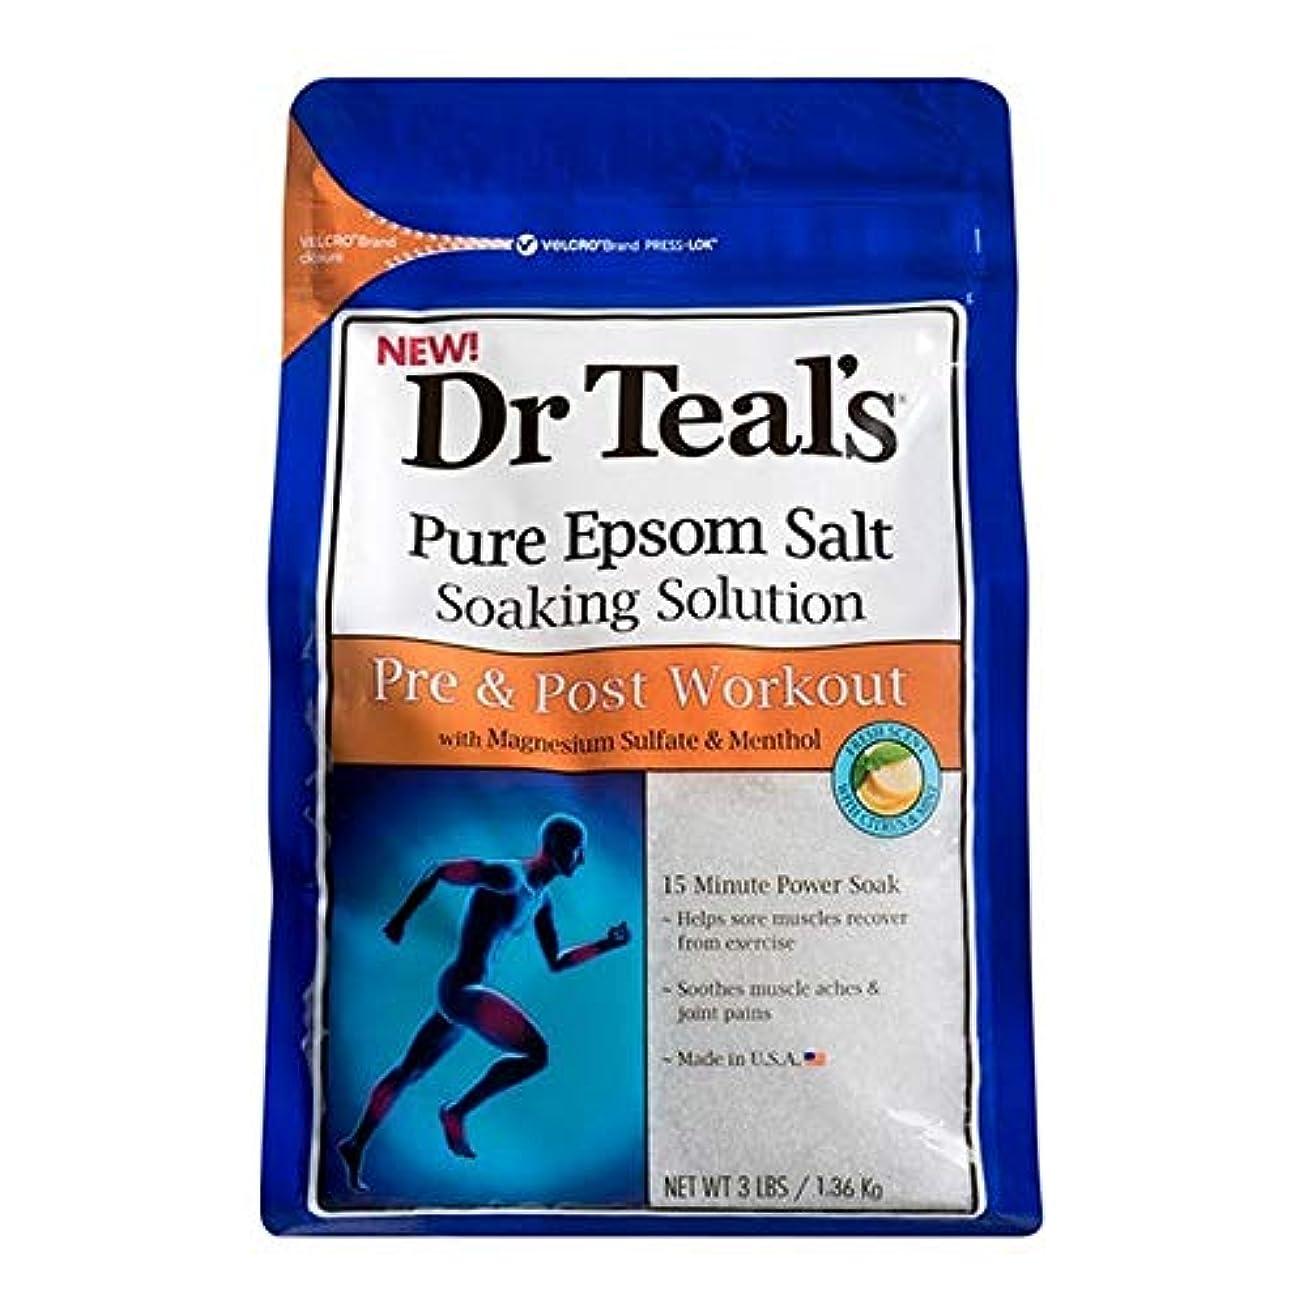 仕出します悪化させる吸う[Dr Teals] Drのティールの均熱Bathsalt前N個のポストワークアウト1.36キロ - Dr Teal's Soaking Bathsalt Pre N Post Workout 1.36 kg [並行輸入品]